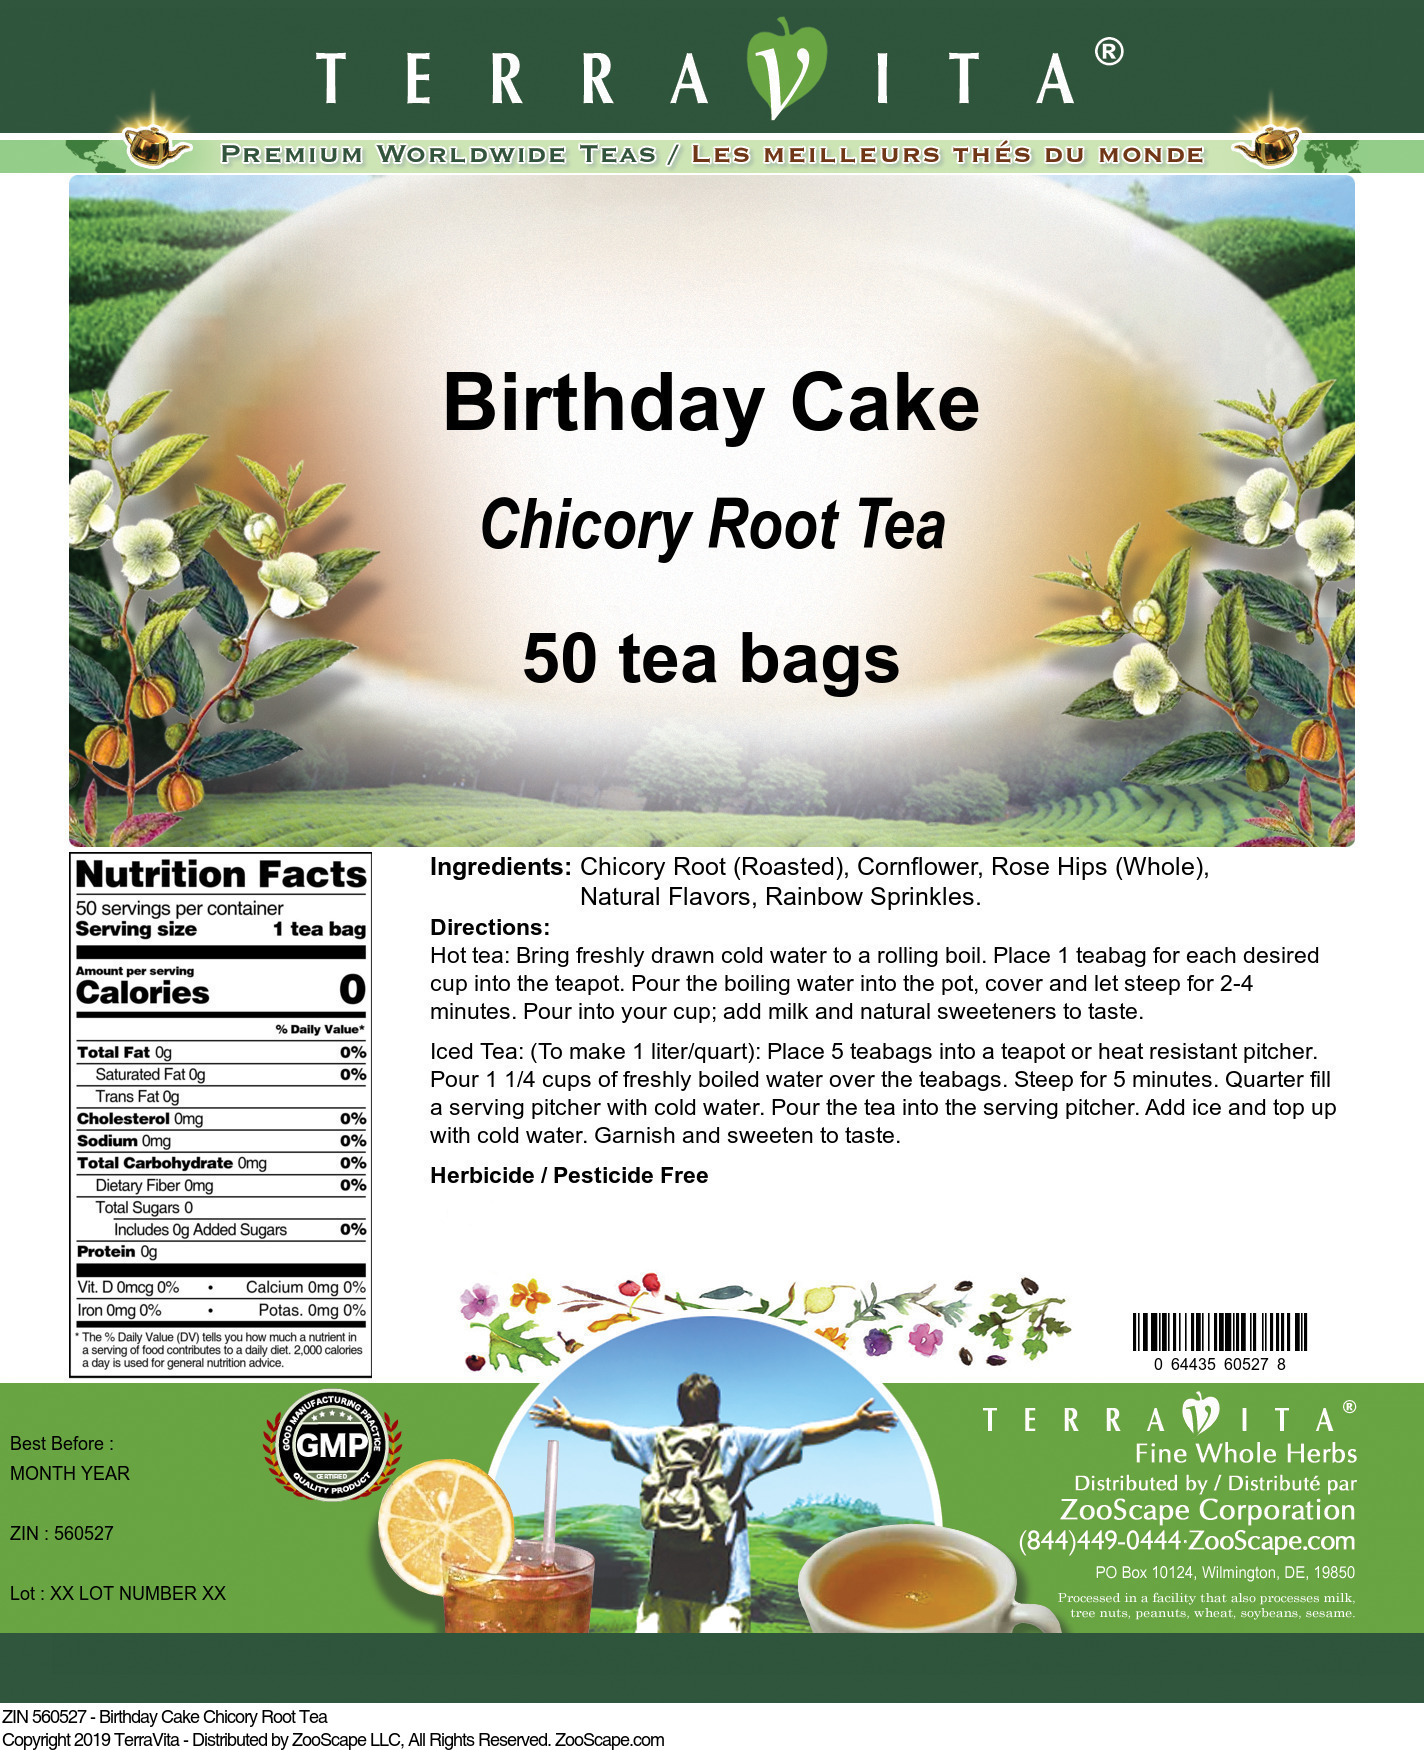 Birthday Cake Chicory Root Tea